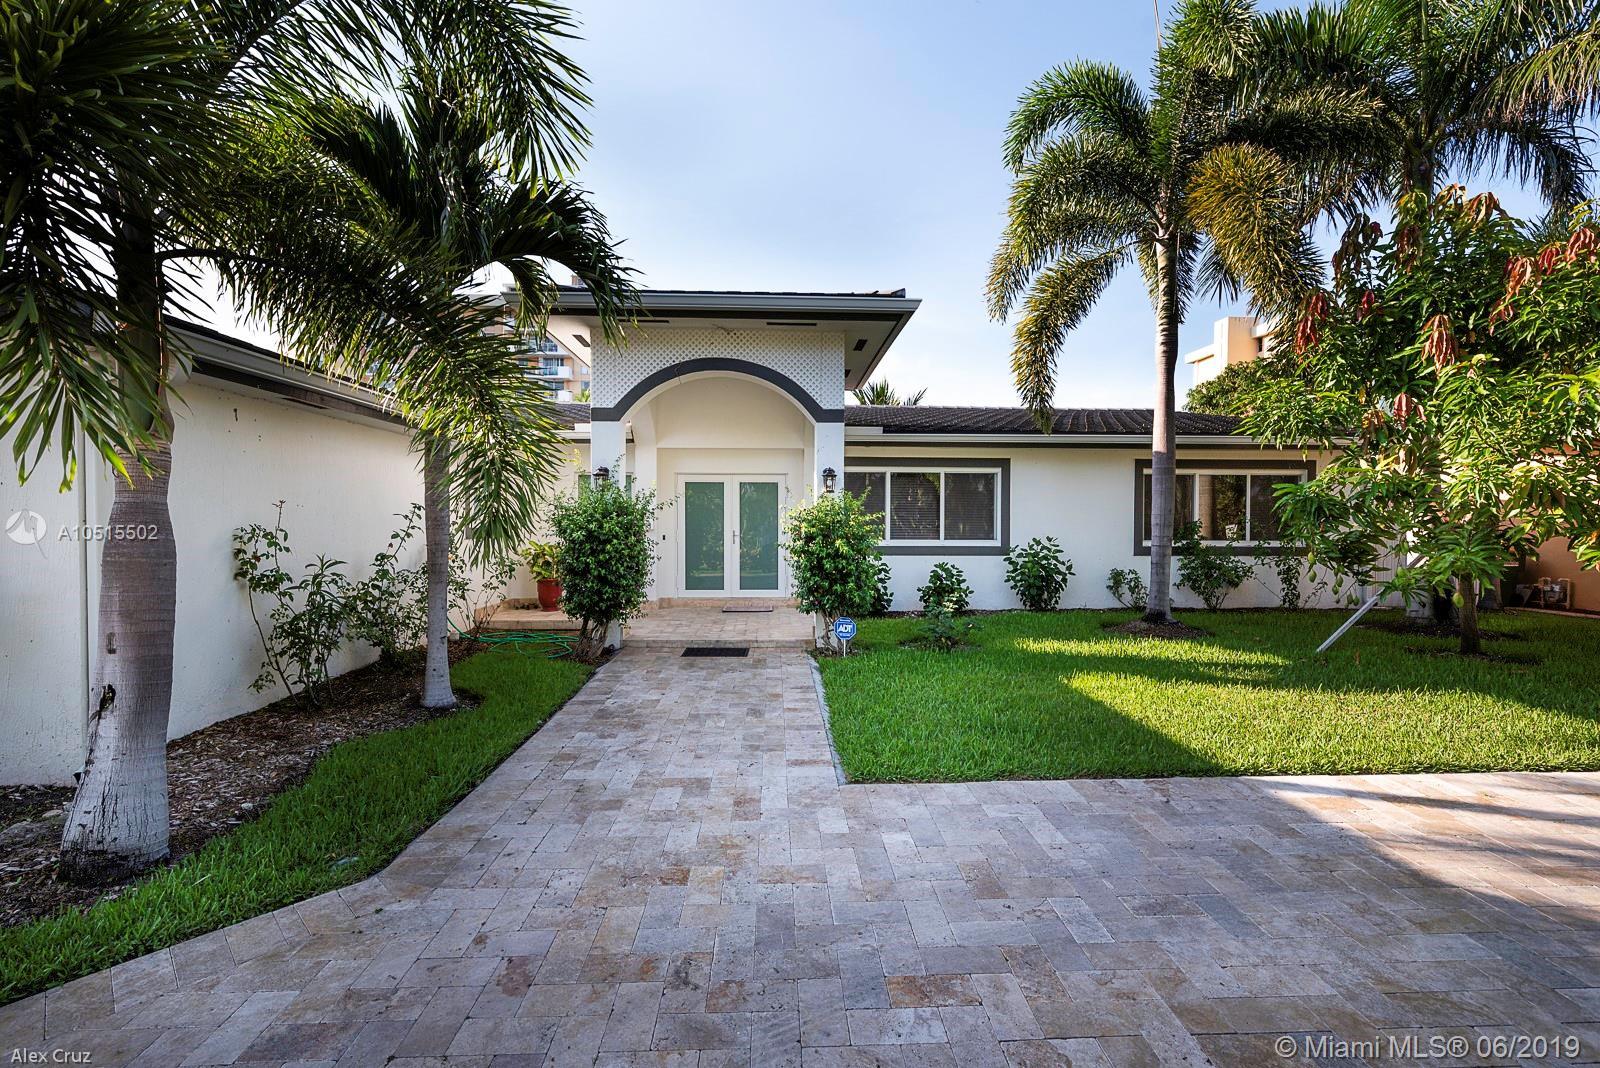 2105 Arch Creek Dr. North Miami, FL 33181